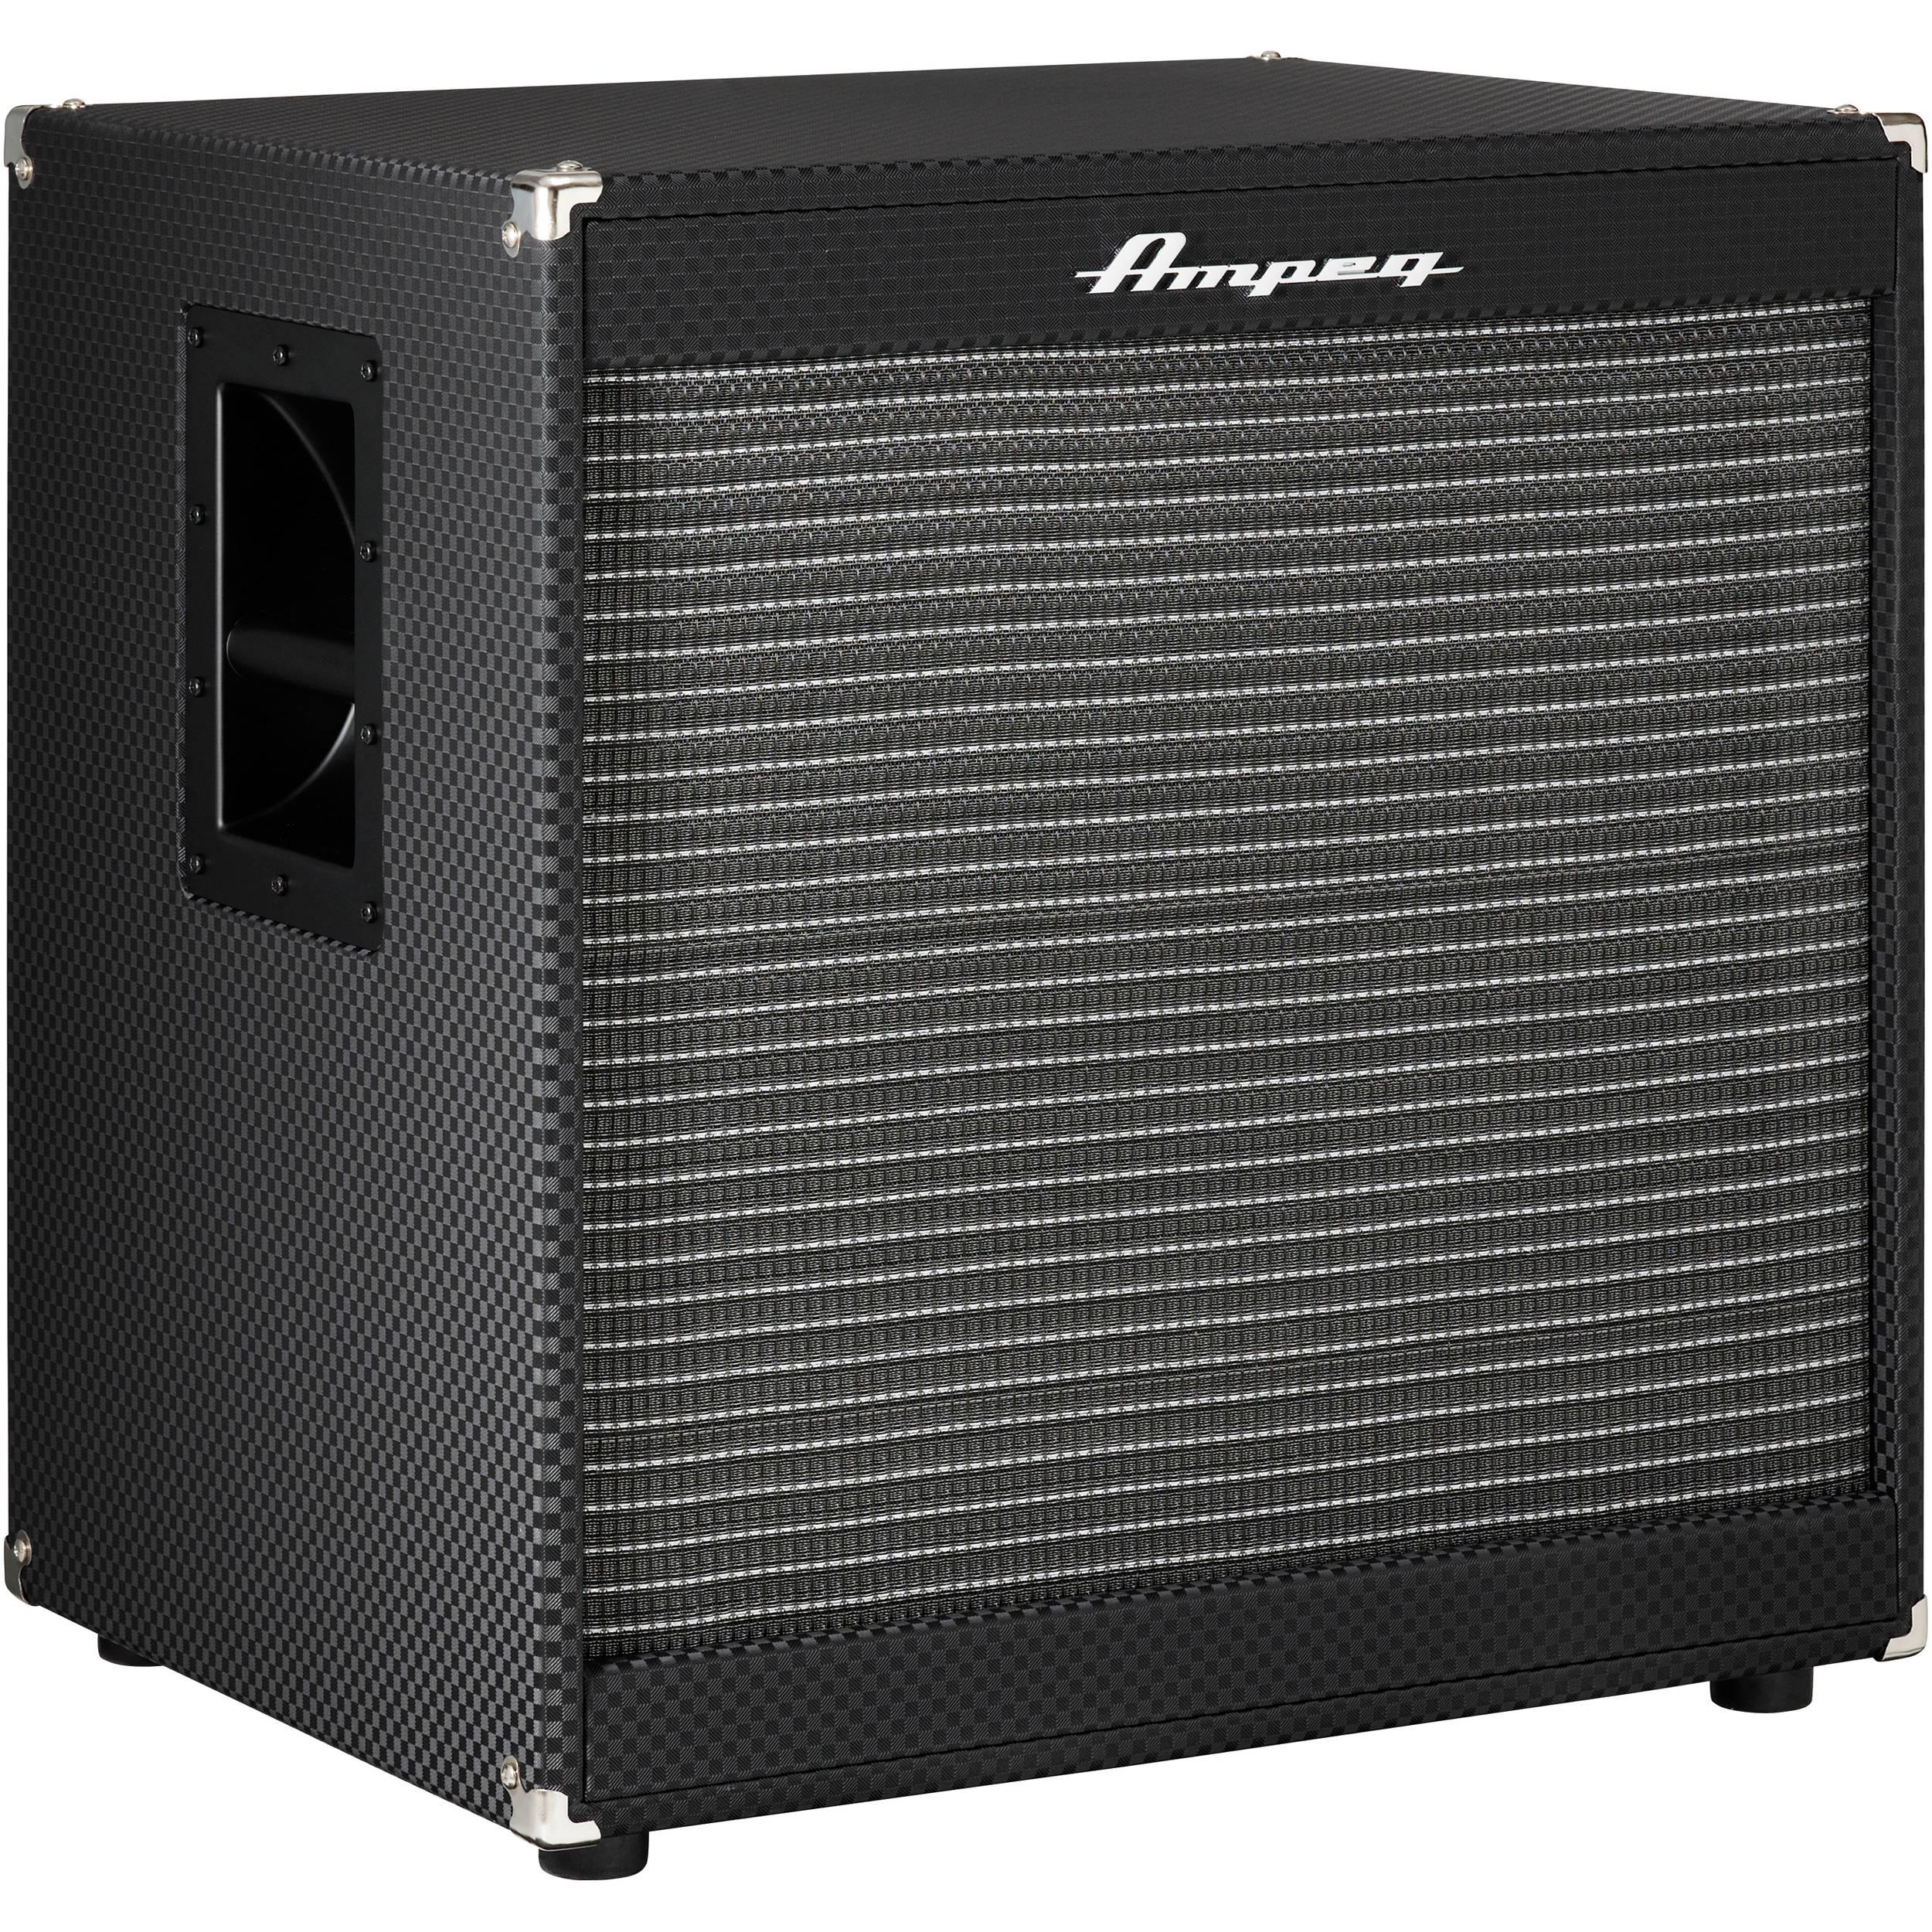 1x15 Guitar Cabinet Ampeg Portaflex Pf 115lf 1x15 400w Bass Speaker Pf 115lf